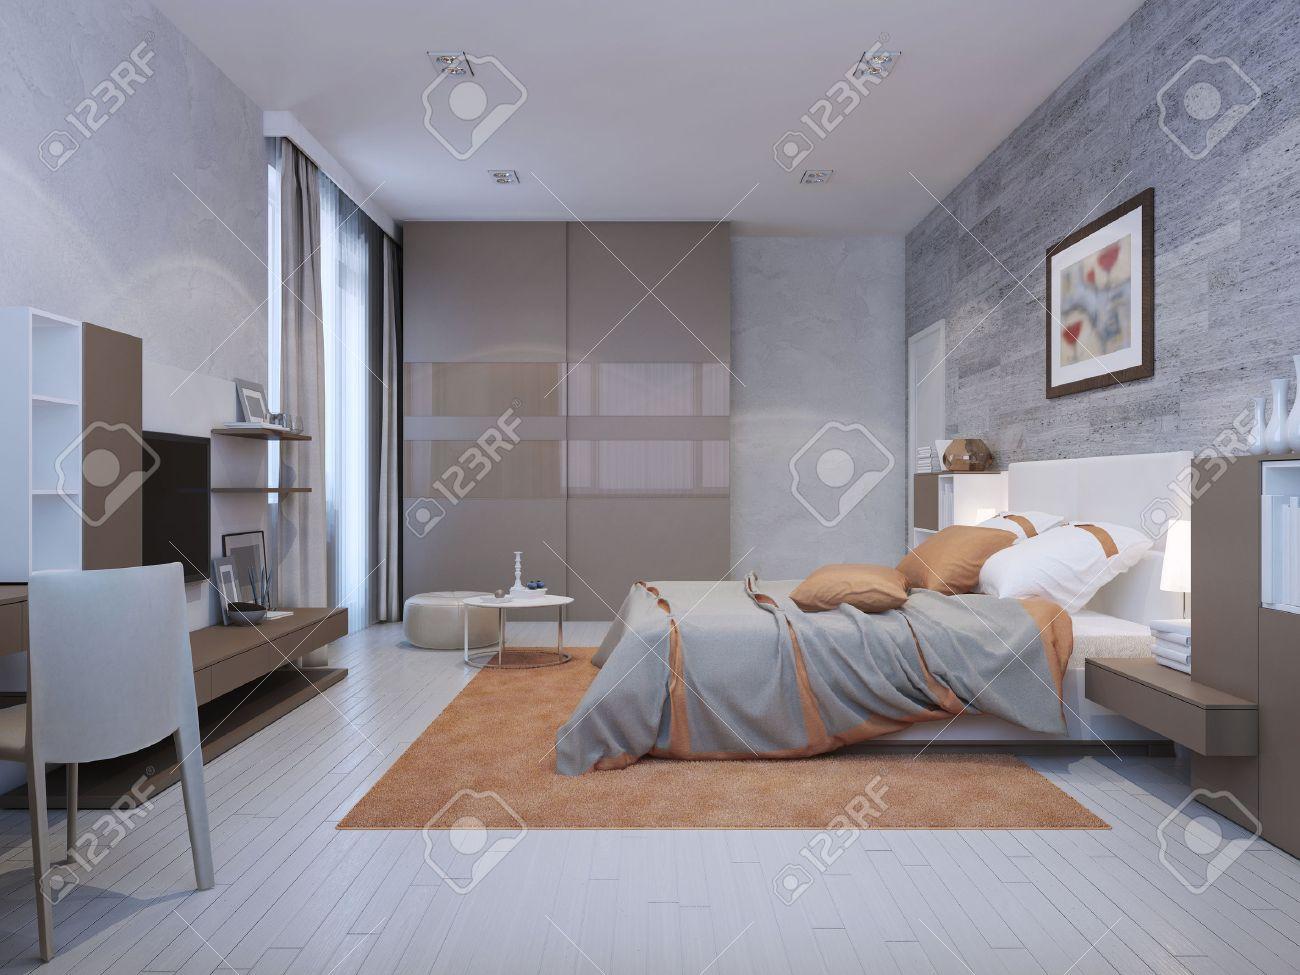 Chambre de style art déco dans des couleurs gris avec des accents d\'orange.  Du sol au plafond placard avec portes coulissantes sur papier glacé. 3D ...